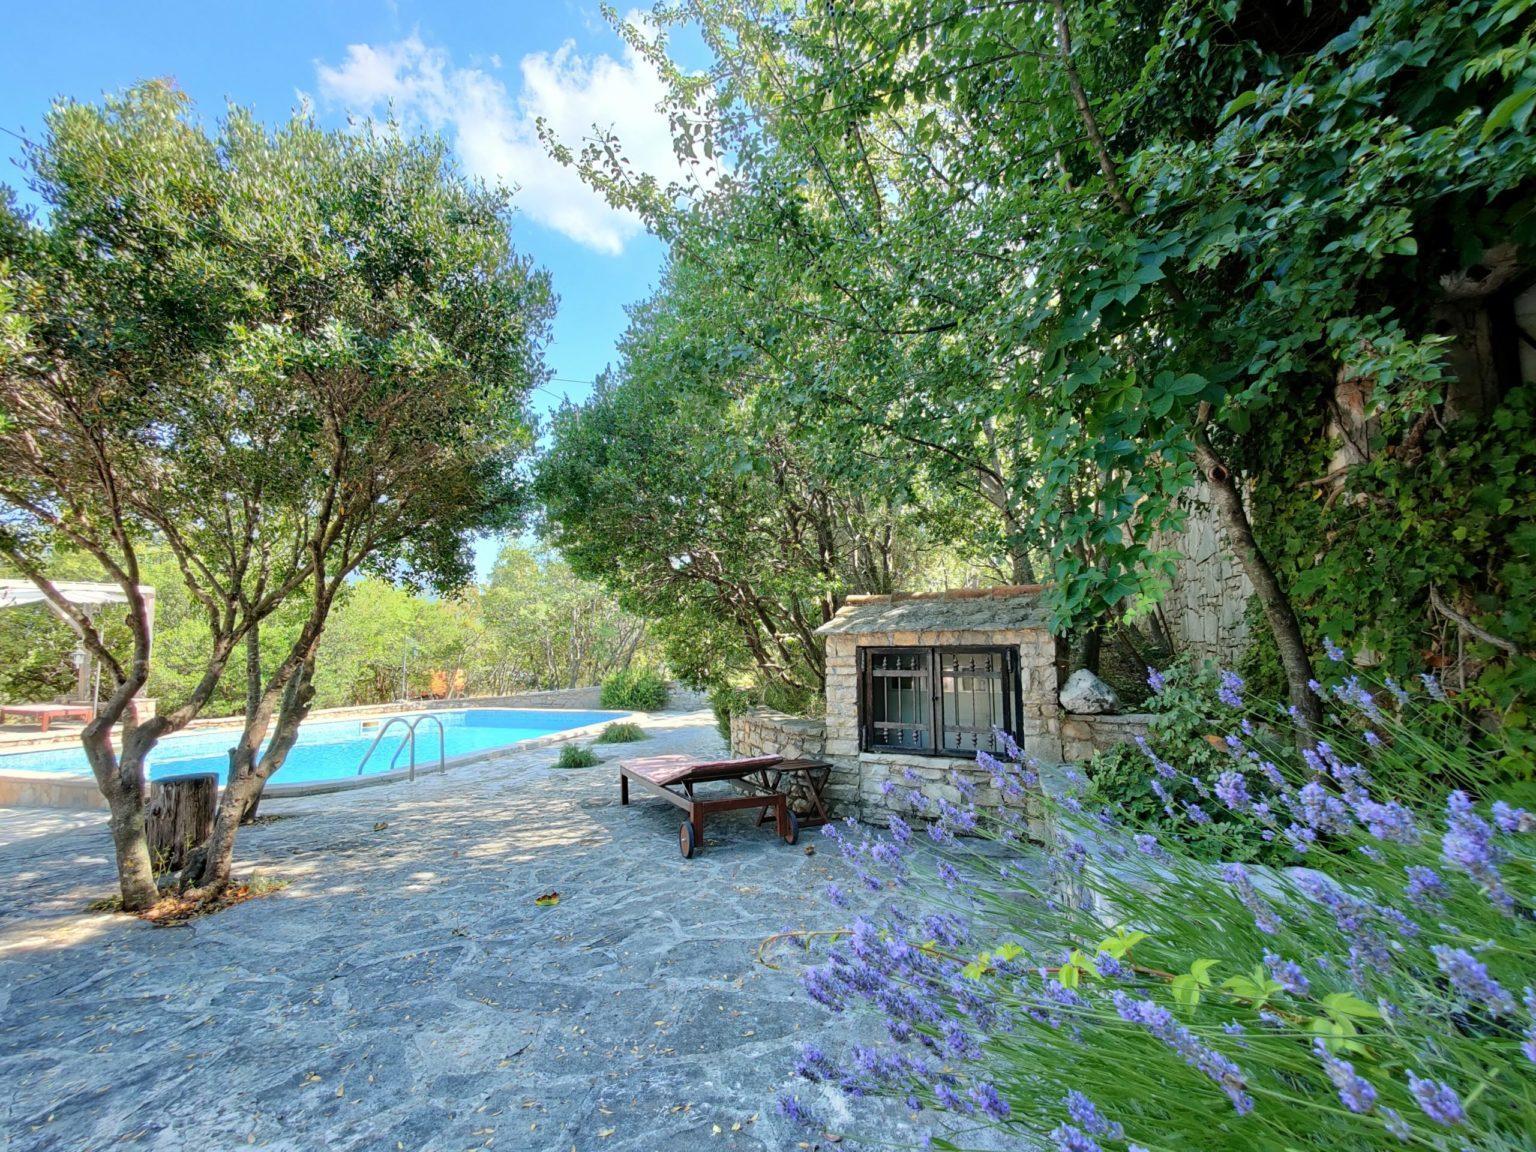 hochzeitslocation Kroatien location hochzeit heiraten 11 2 scaled - Stone House